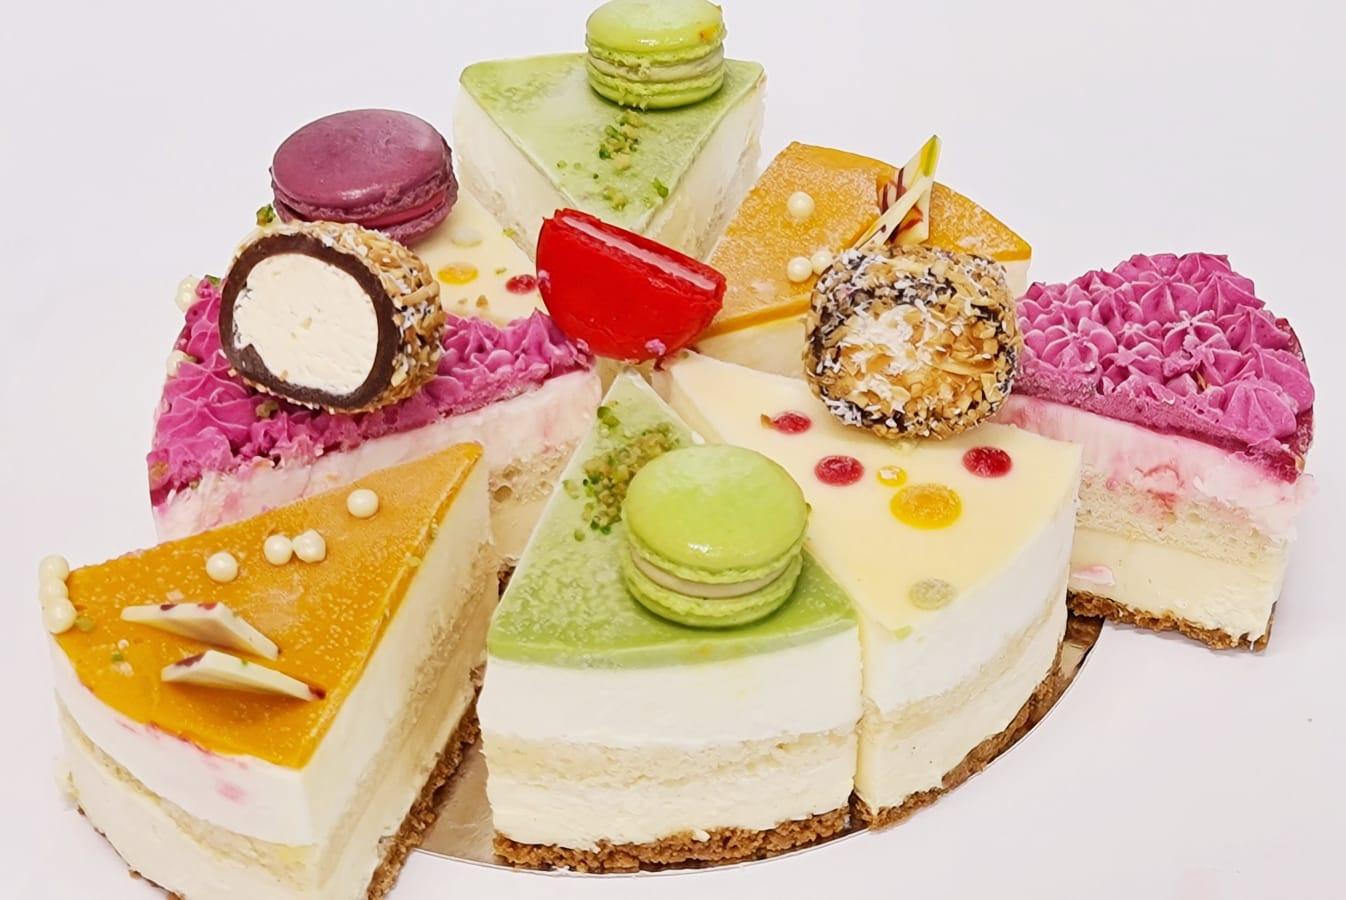 עוגות עם פירות